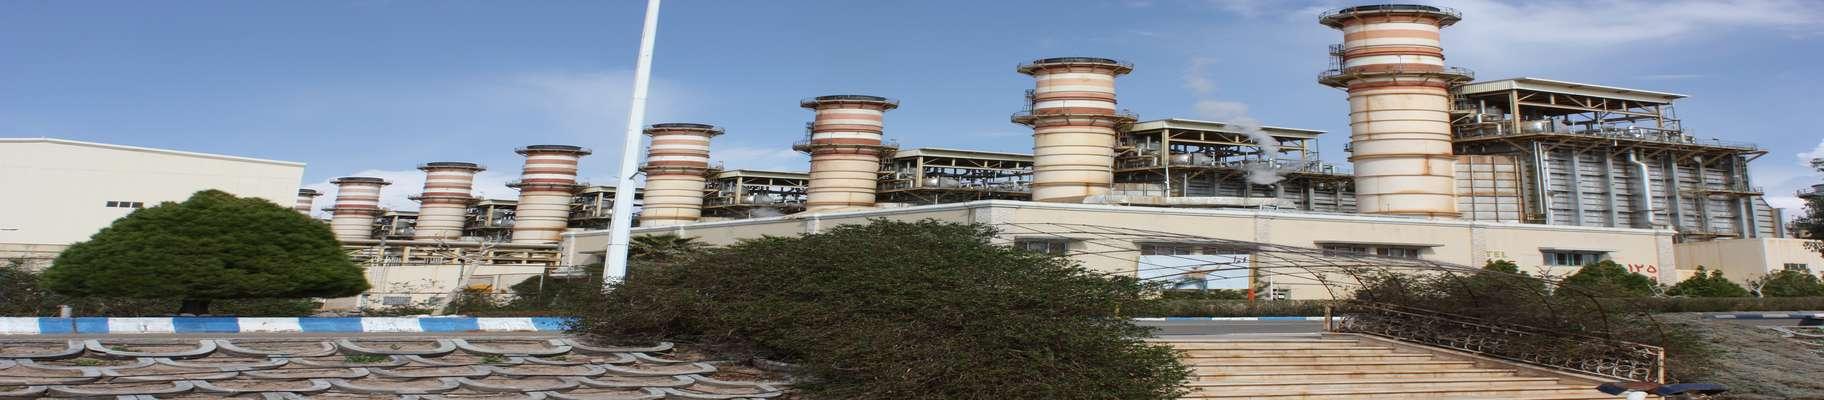 فزایش 160 مگاواتی توان تولید نیروگاه شهید سلیمانی کرمان با ارتقای توربینهای گازی